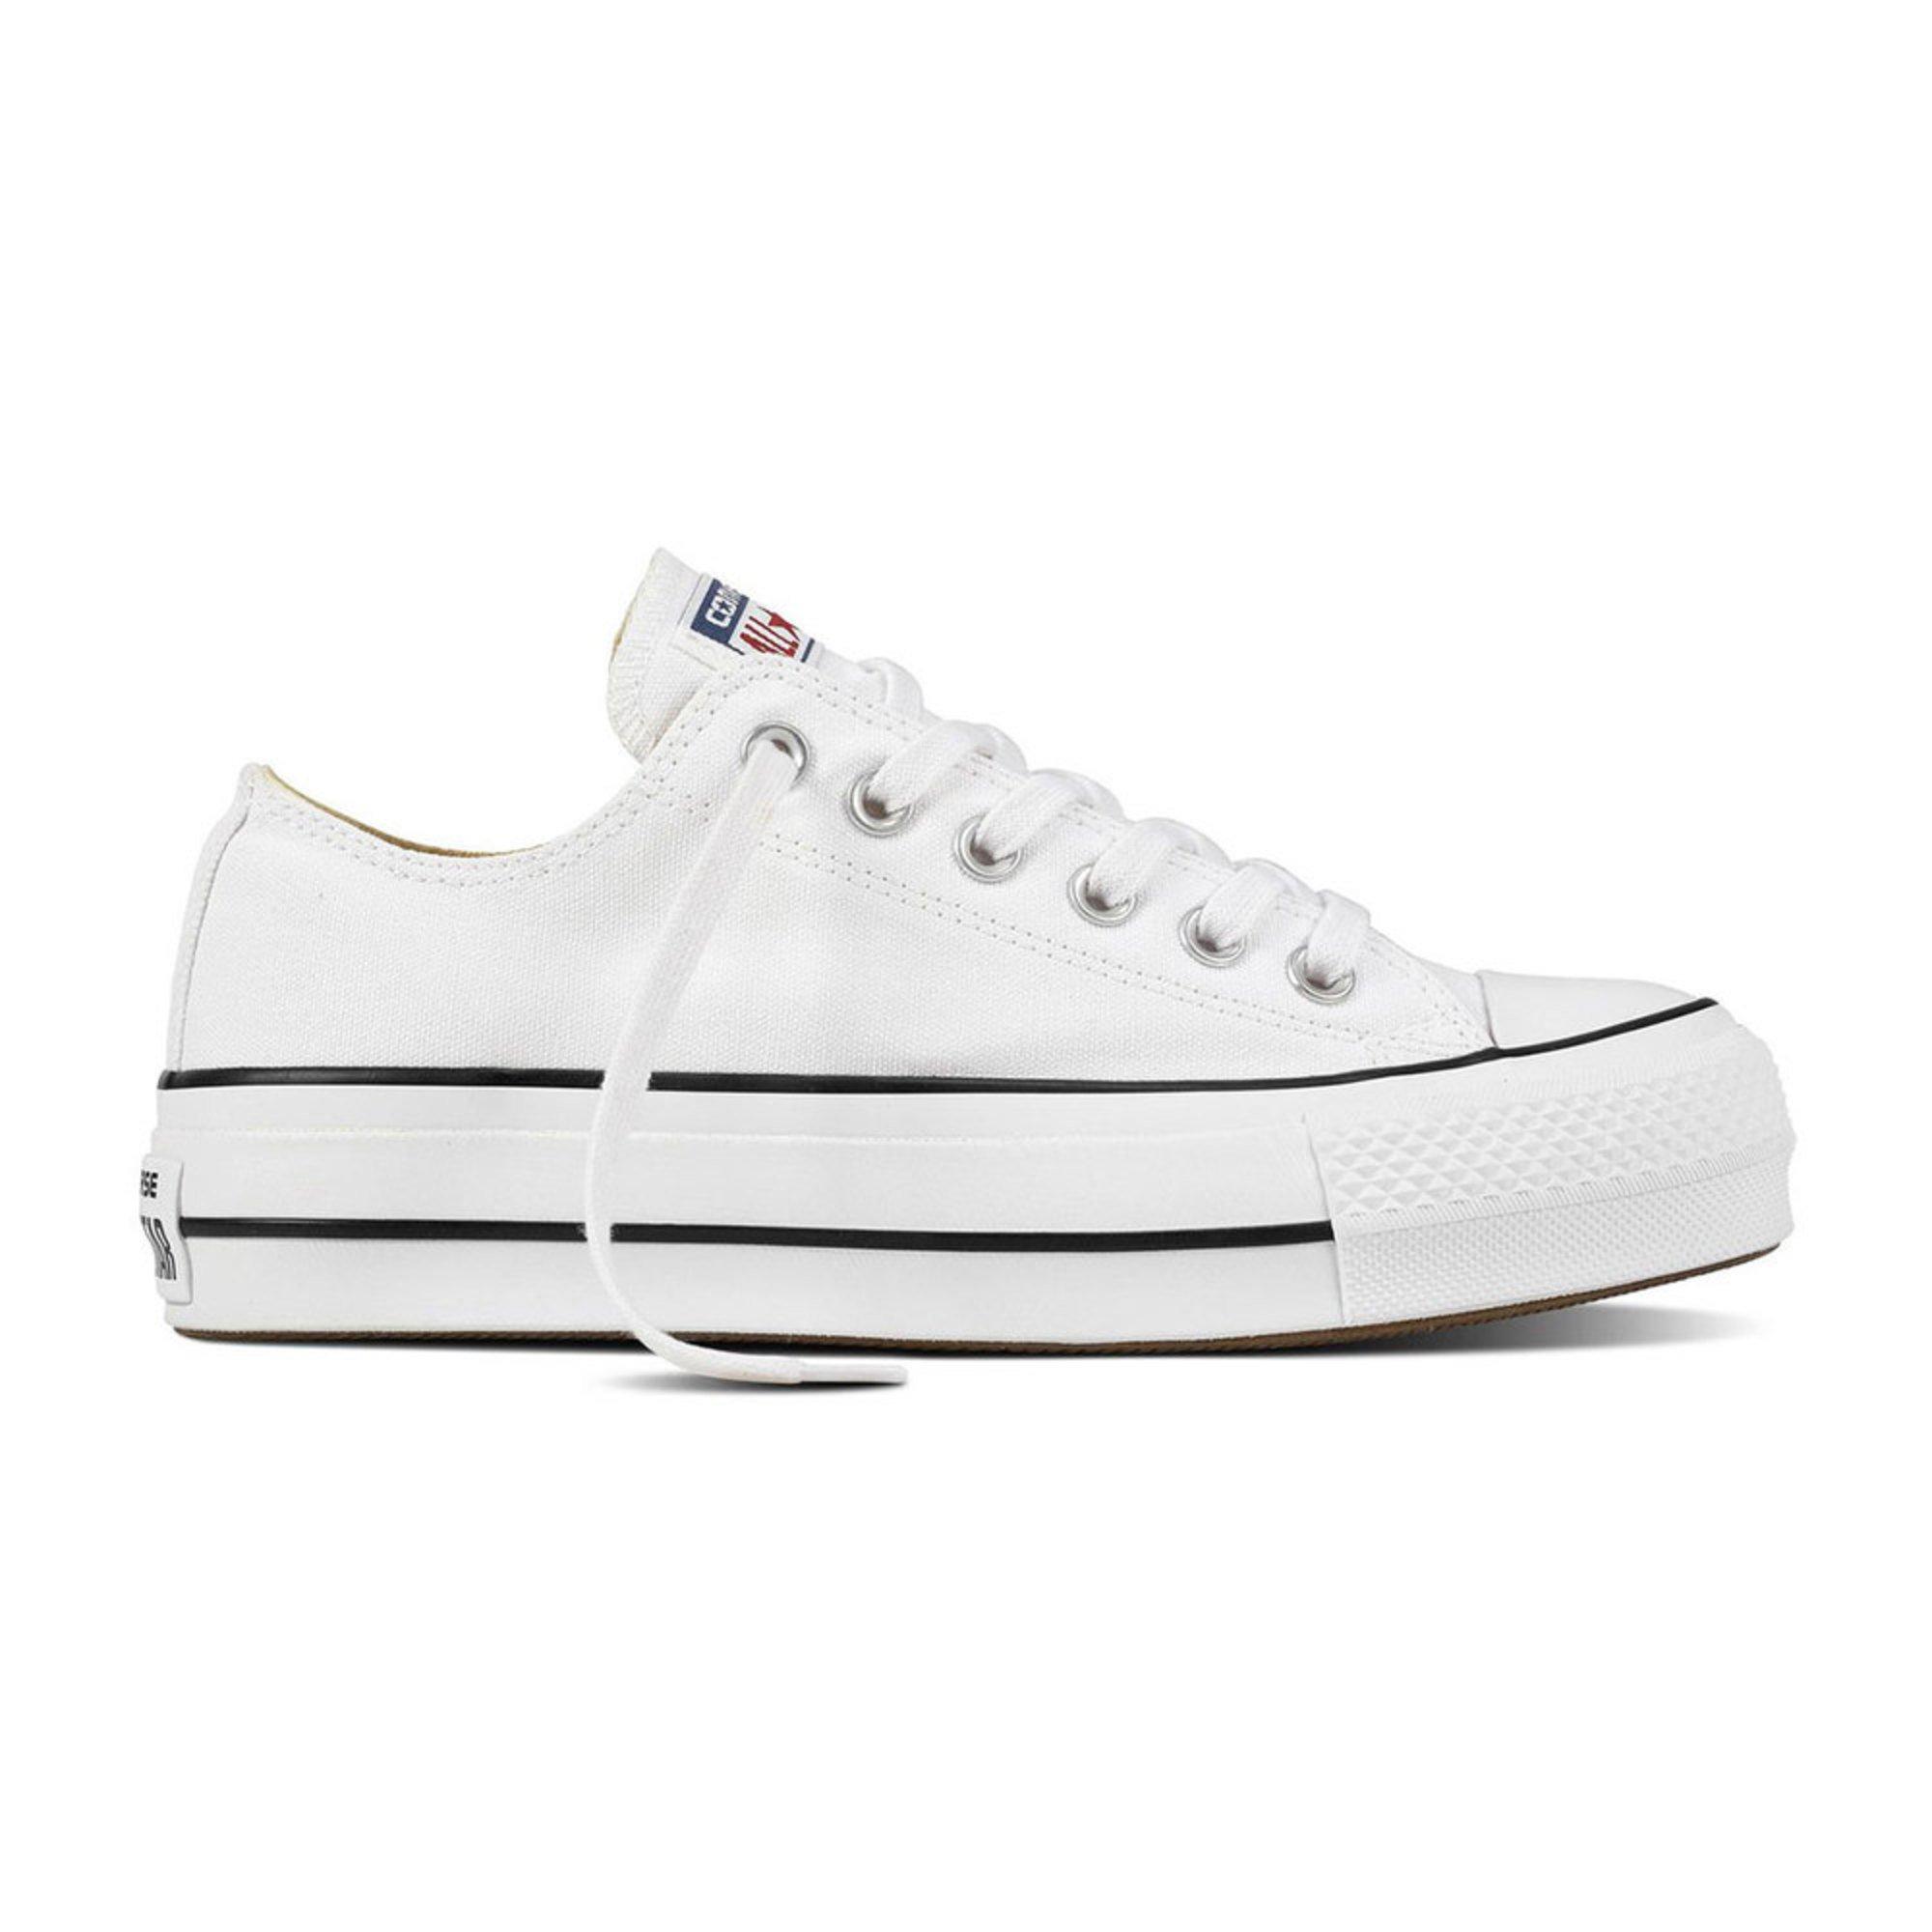 6bcad6169d8 Converse Women s Chuck Taylor All Star Lift Sneaker